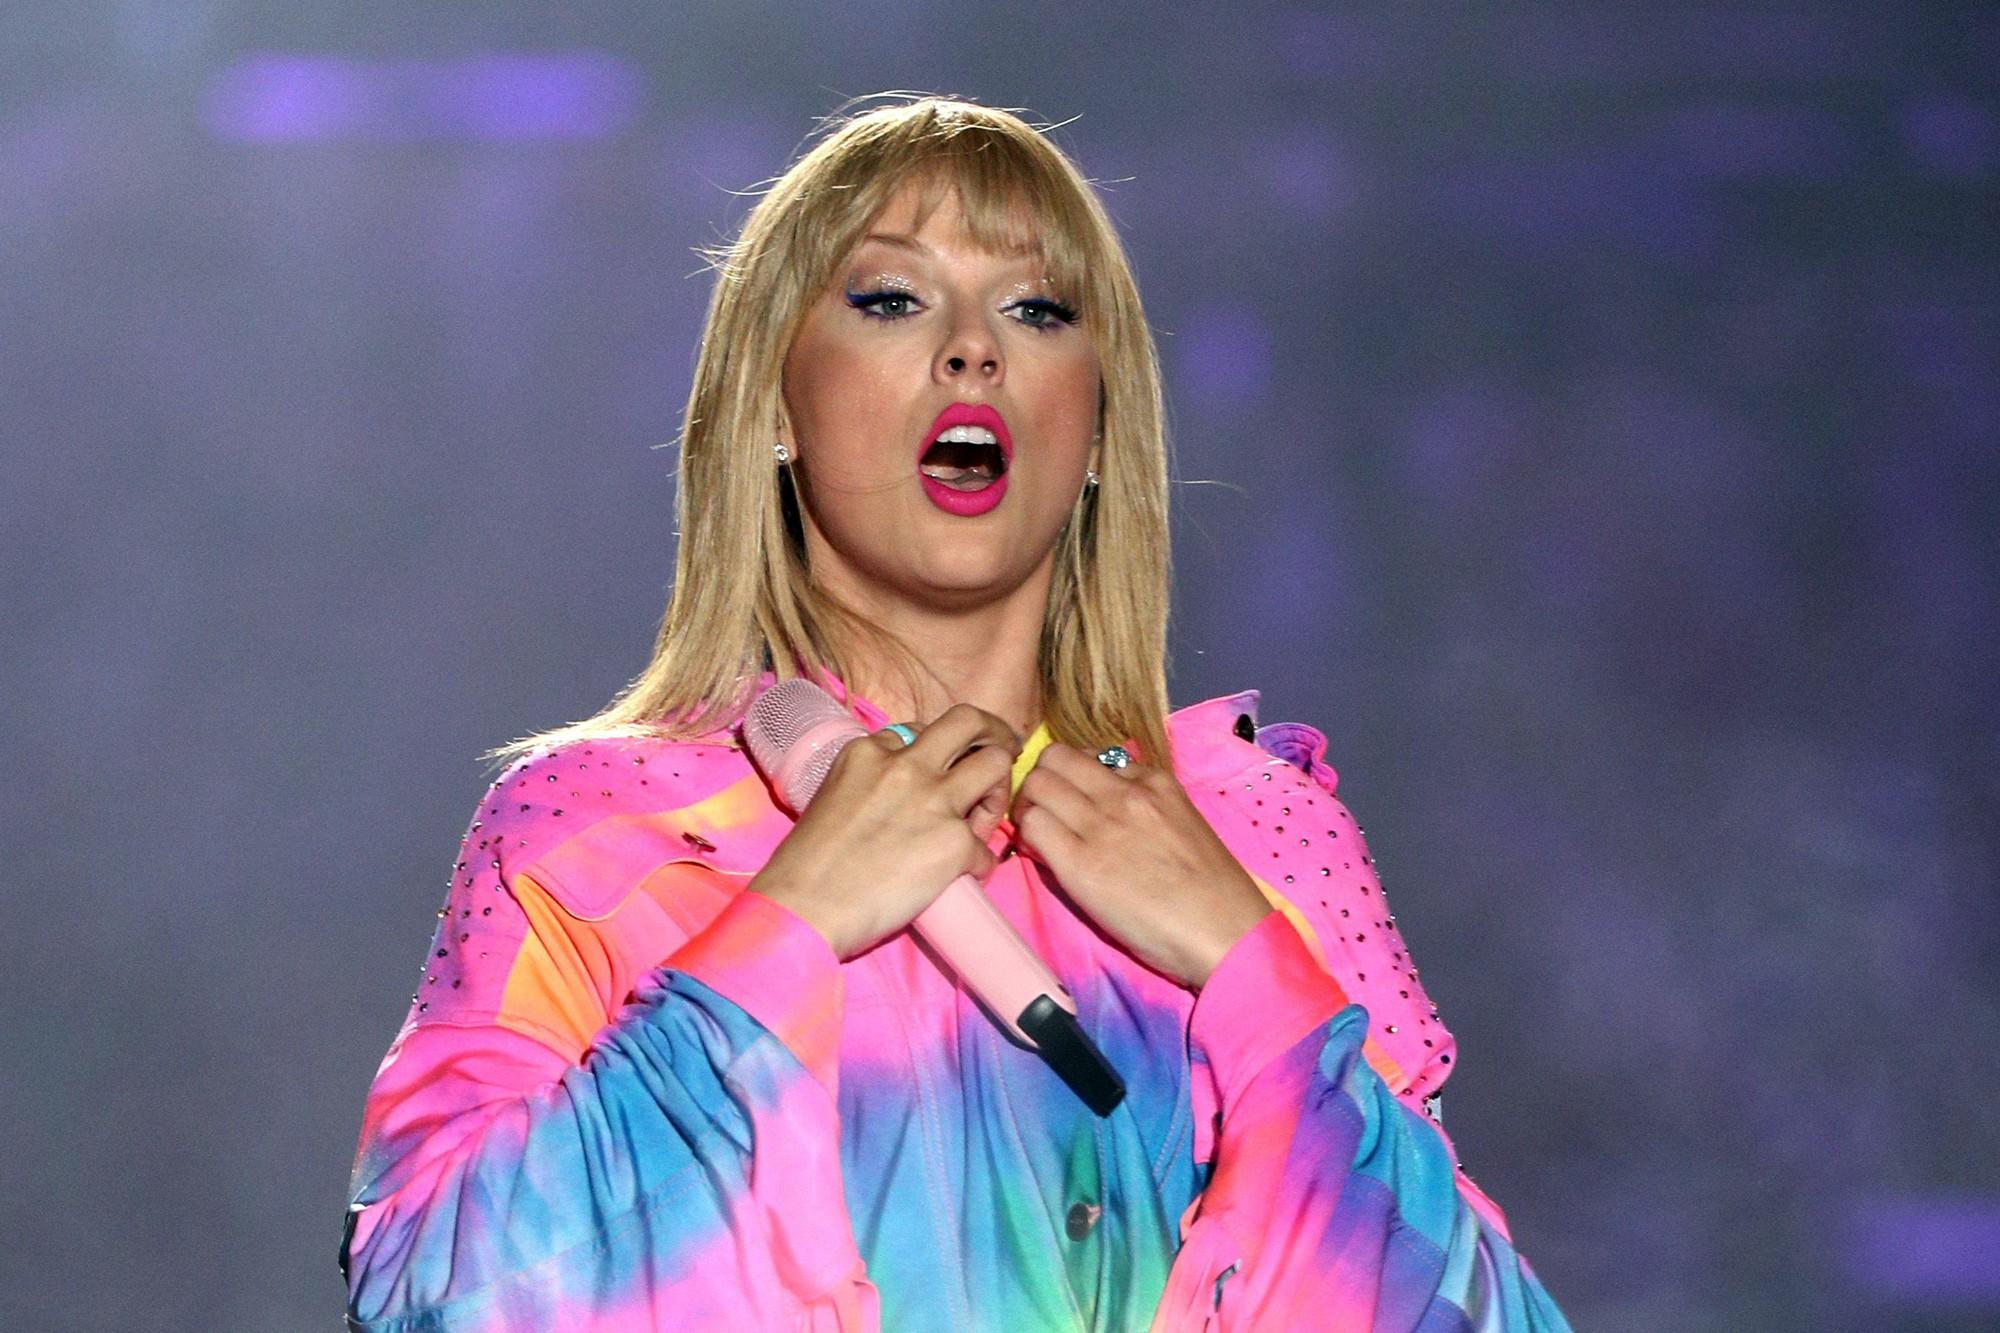 Taylor Swift dành cả thanh xuân để hầu toà: Từ xù tiền hợp đồng, quịt cát sê đến đạo nhạc - Ảnh 5.